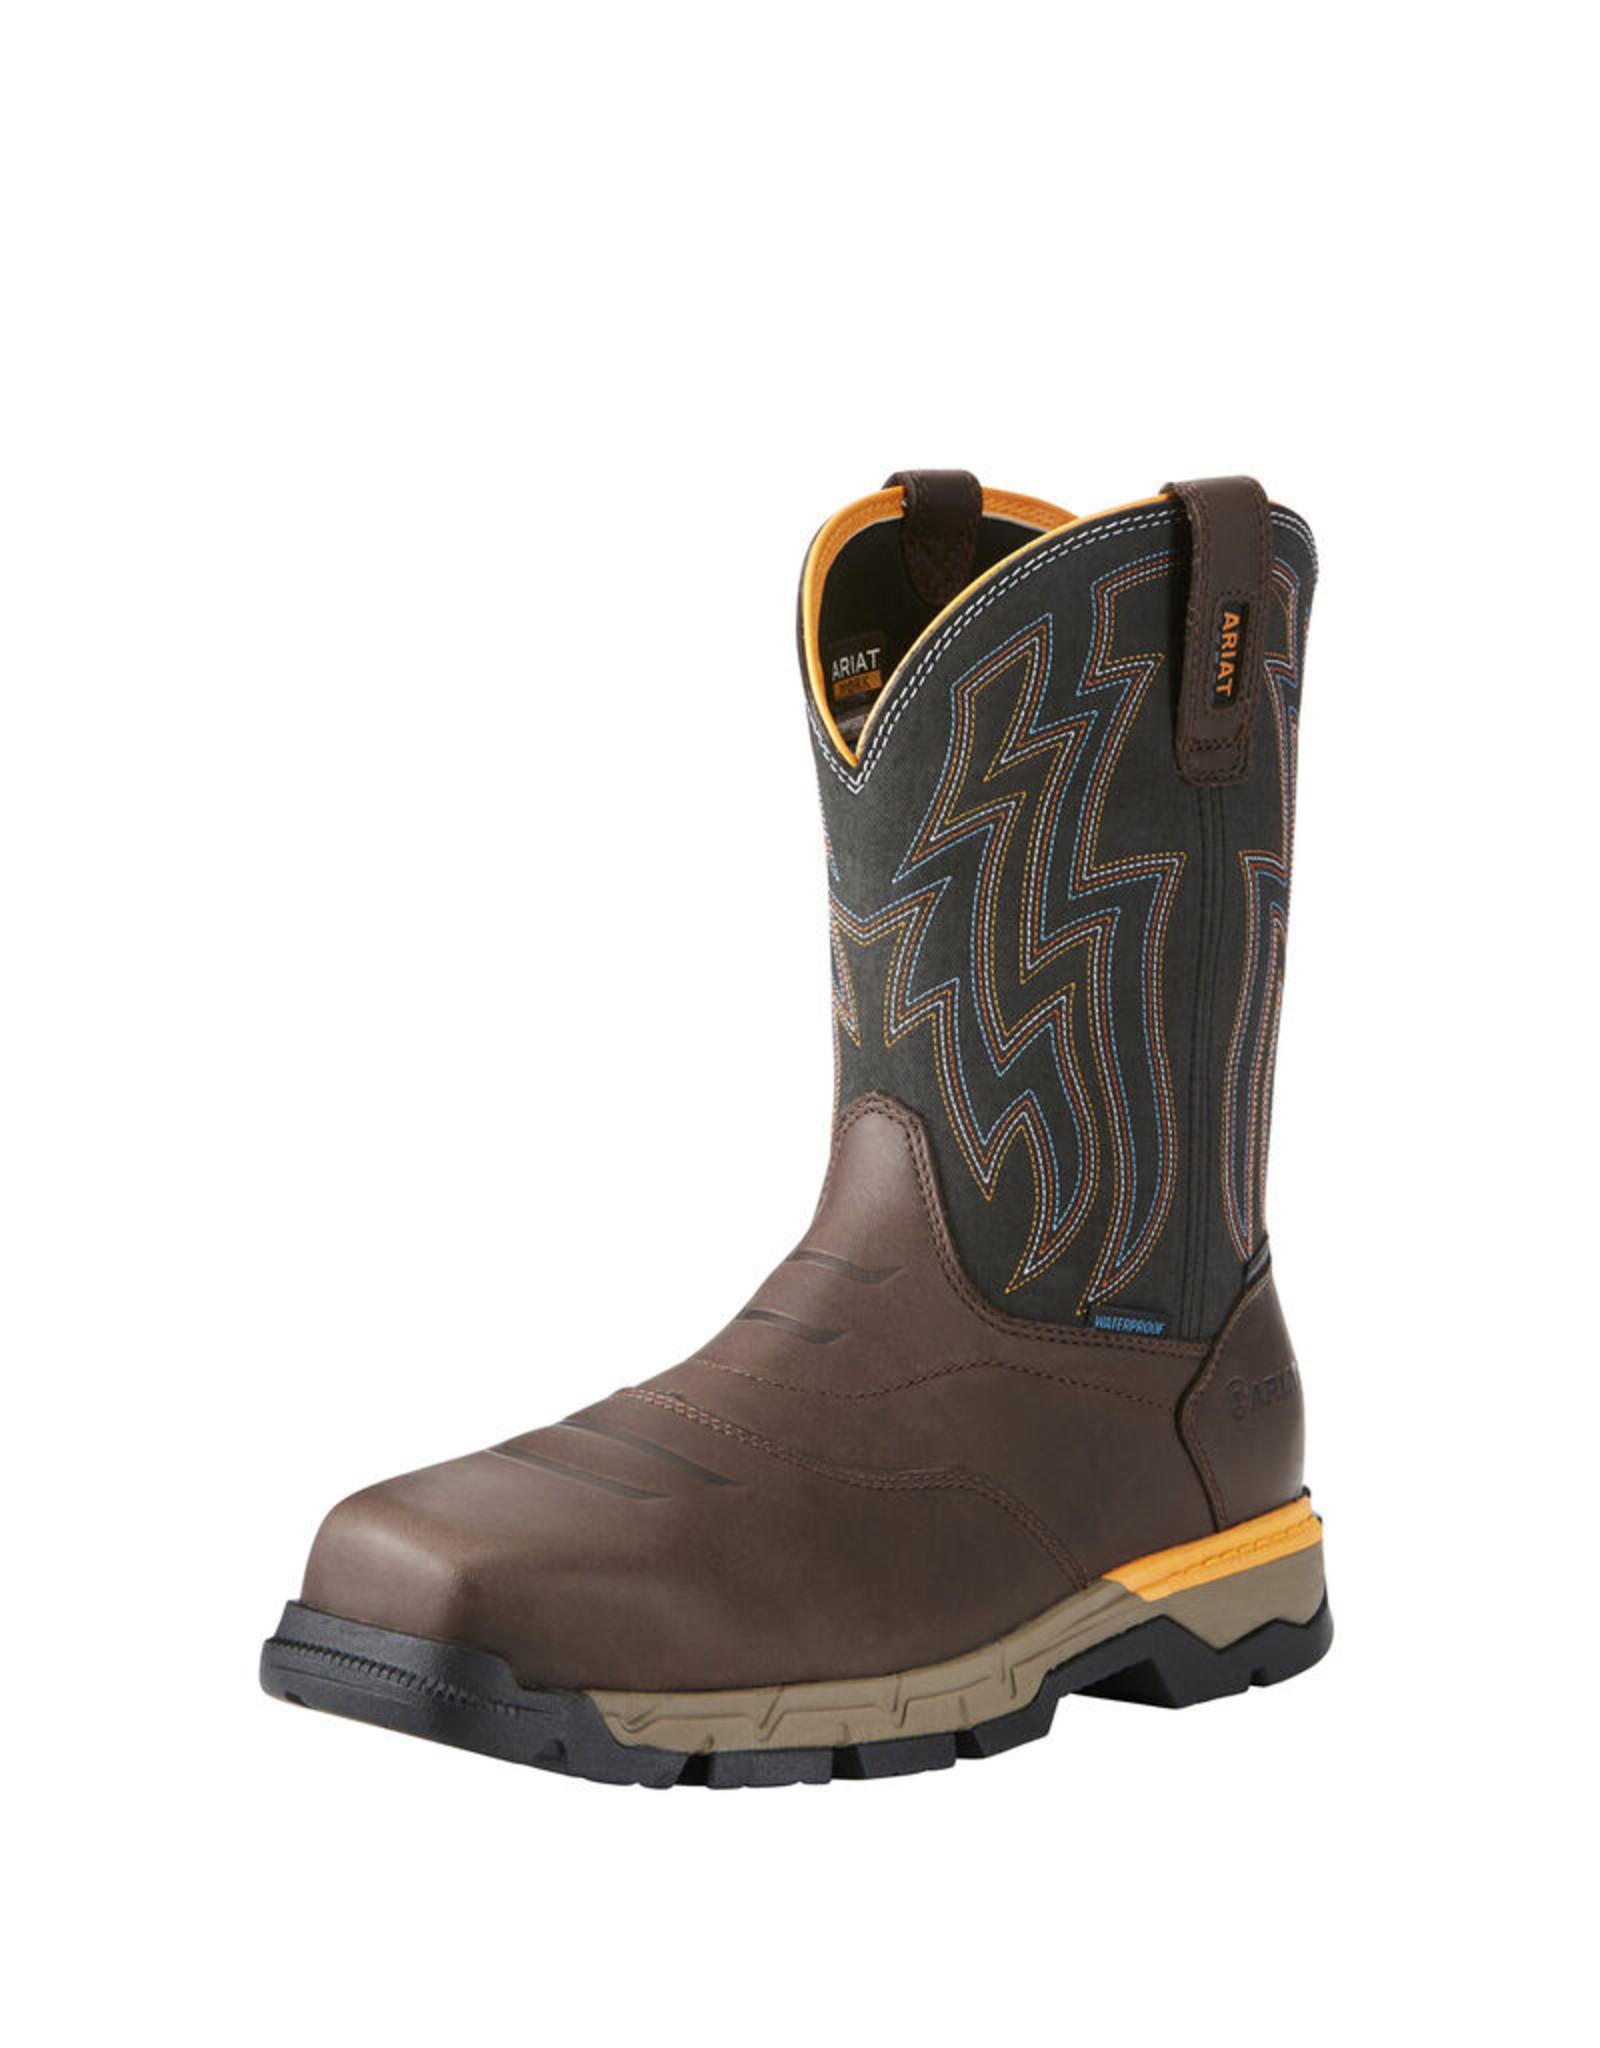 Boots-Men ARIAT 10034157 Rebar H2O Comp Toe